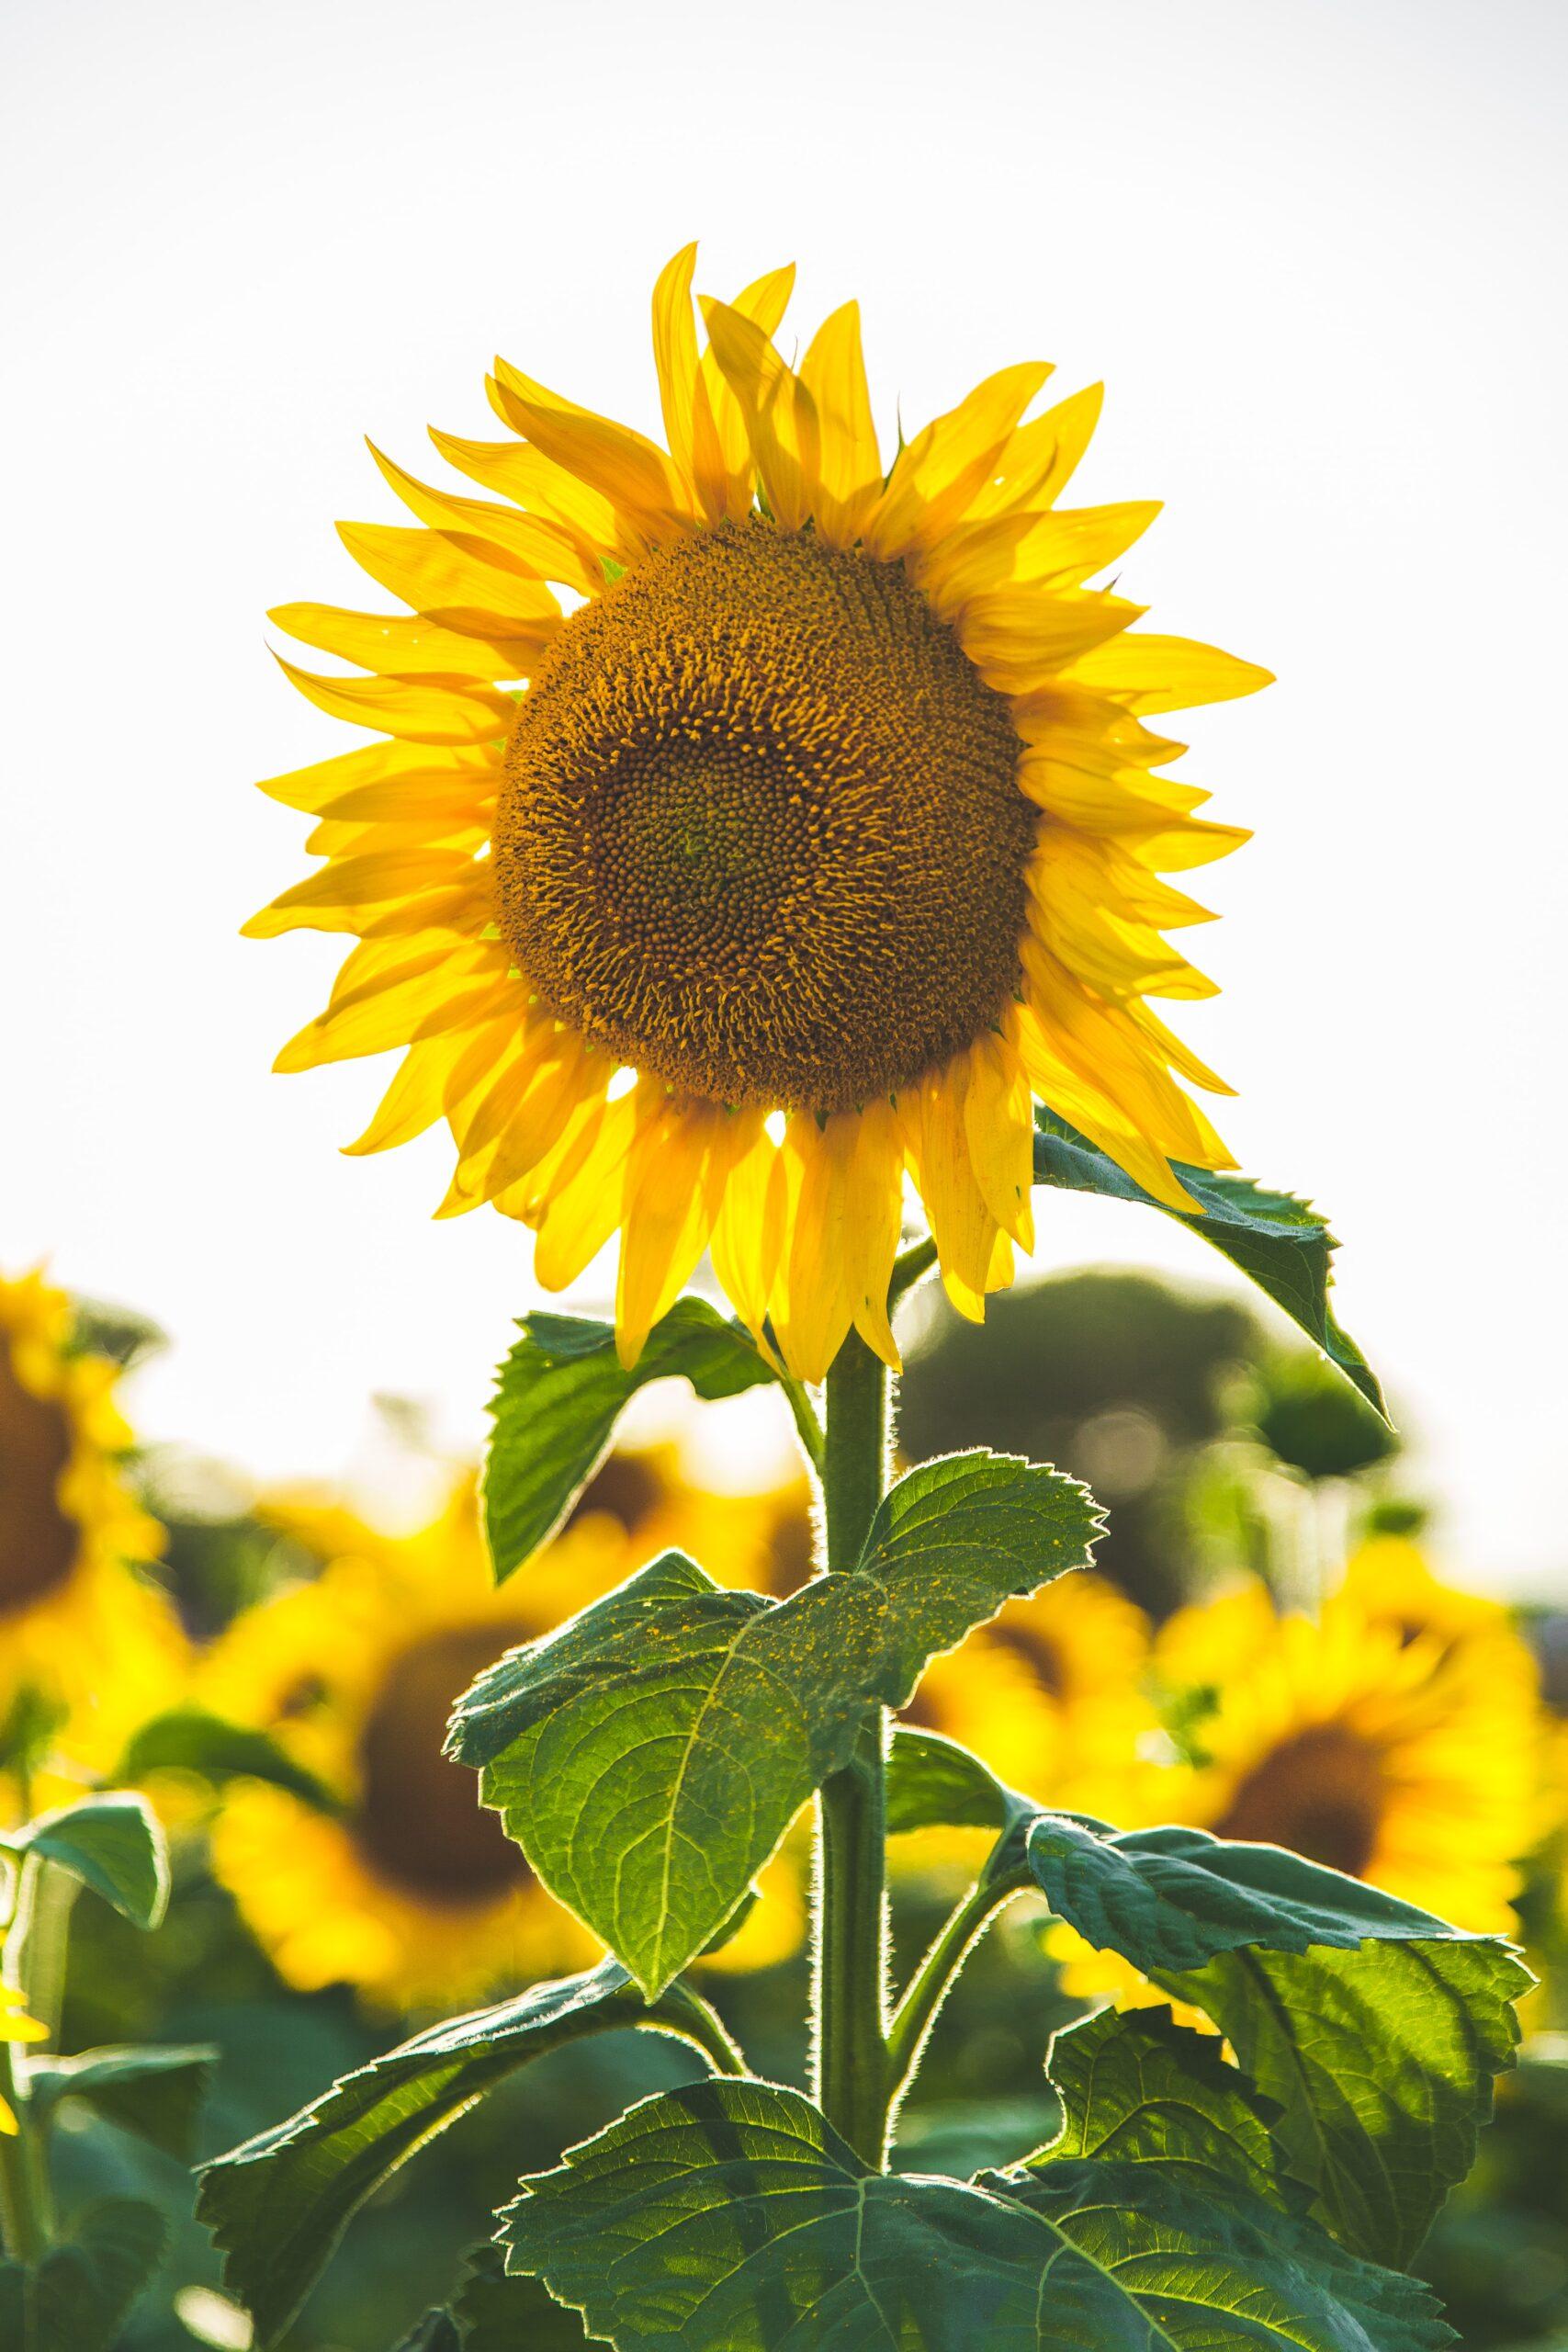 Τα καλά του ήλιου - Όλα όσα θετικά κάνει στον οργανισμό 1